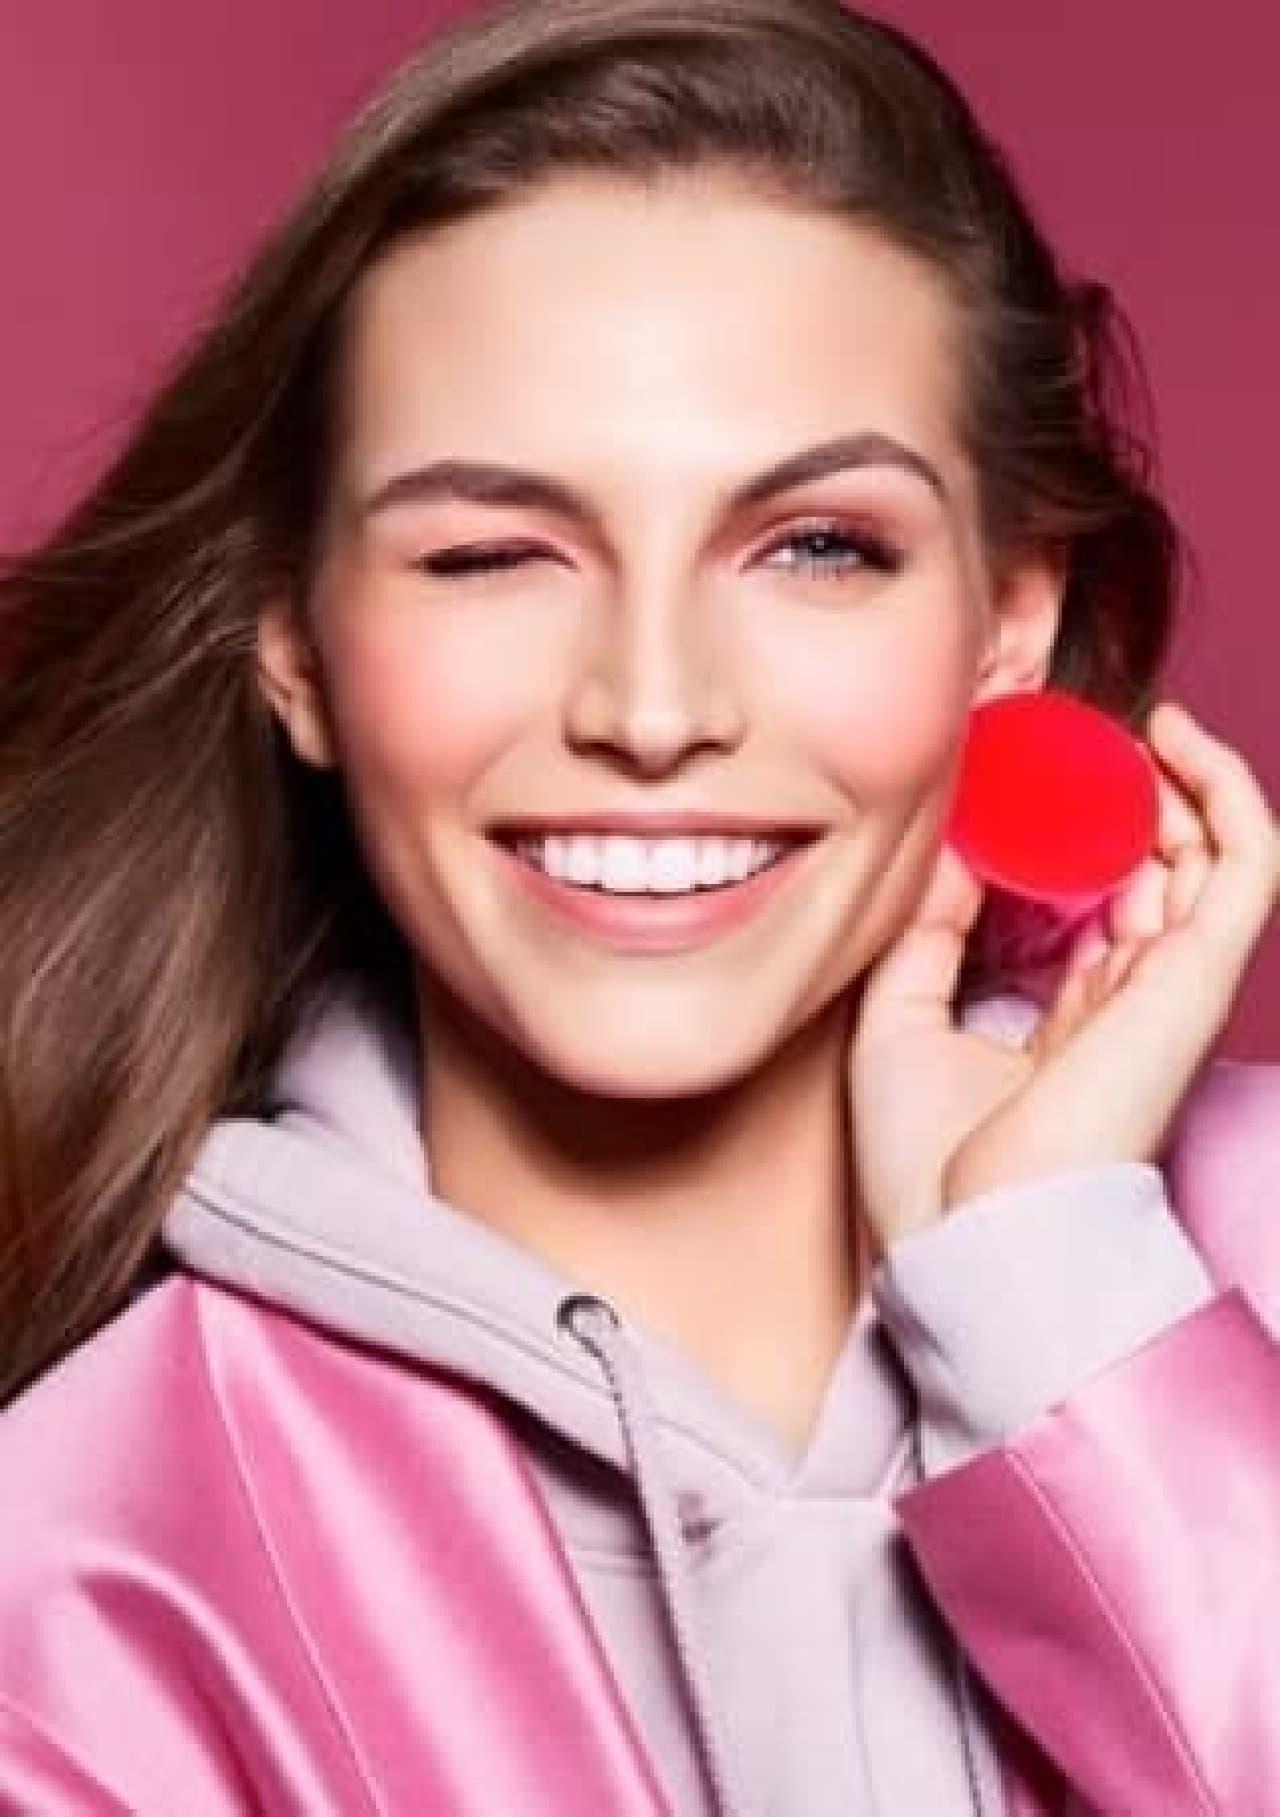 クラランス「2019Autumn Make Up Collection-Cheeky Cheeky BAM BAM-」でメイクした女性